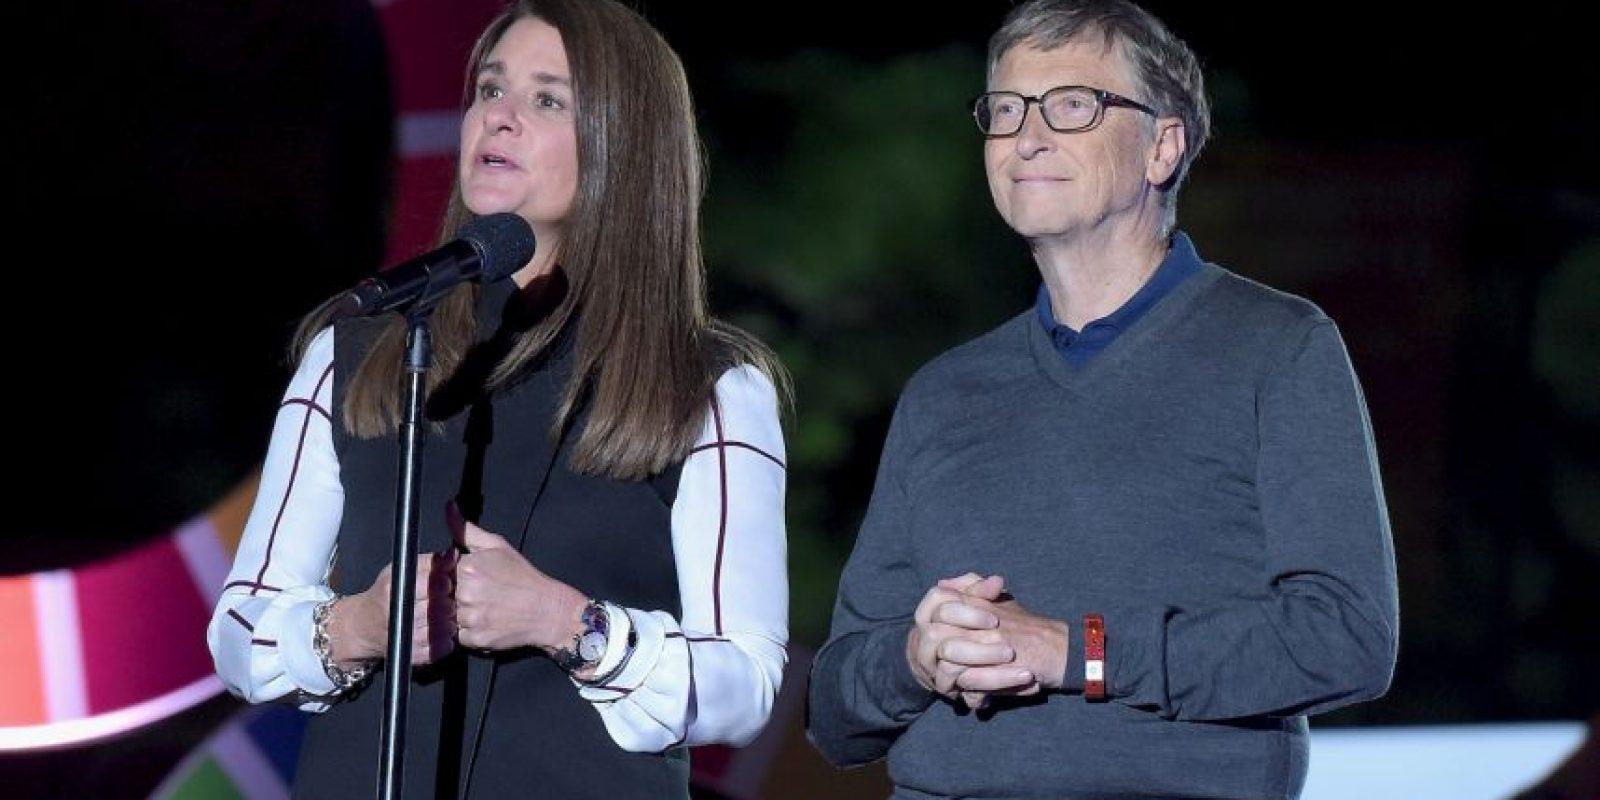 Es un evento gratuito en el que acuden personalidades de renombre Foto:Getty Images